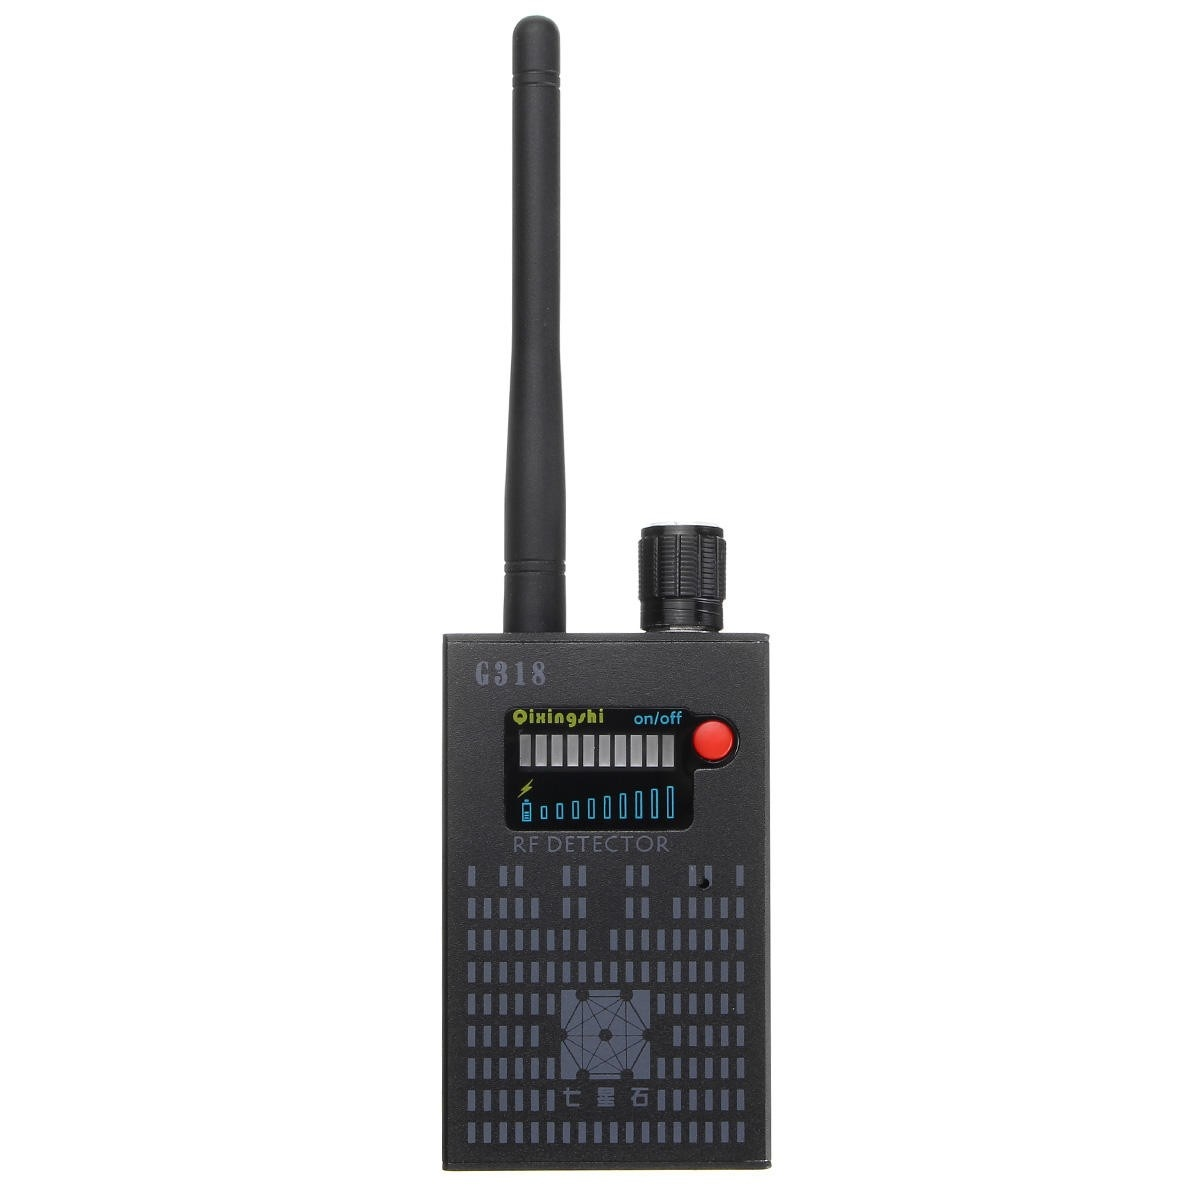 G318 Multi-fonction Anti-espion Sans Fil Signal Bug Détecteur Anti Candid Caméra GPS Location Finder Tracker Fréquence Scanner